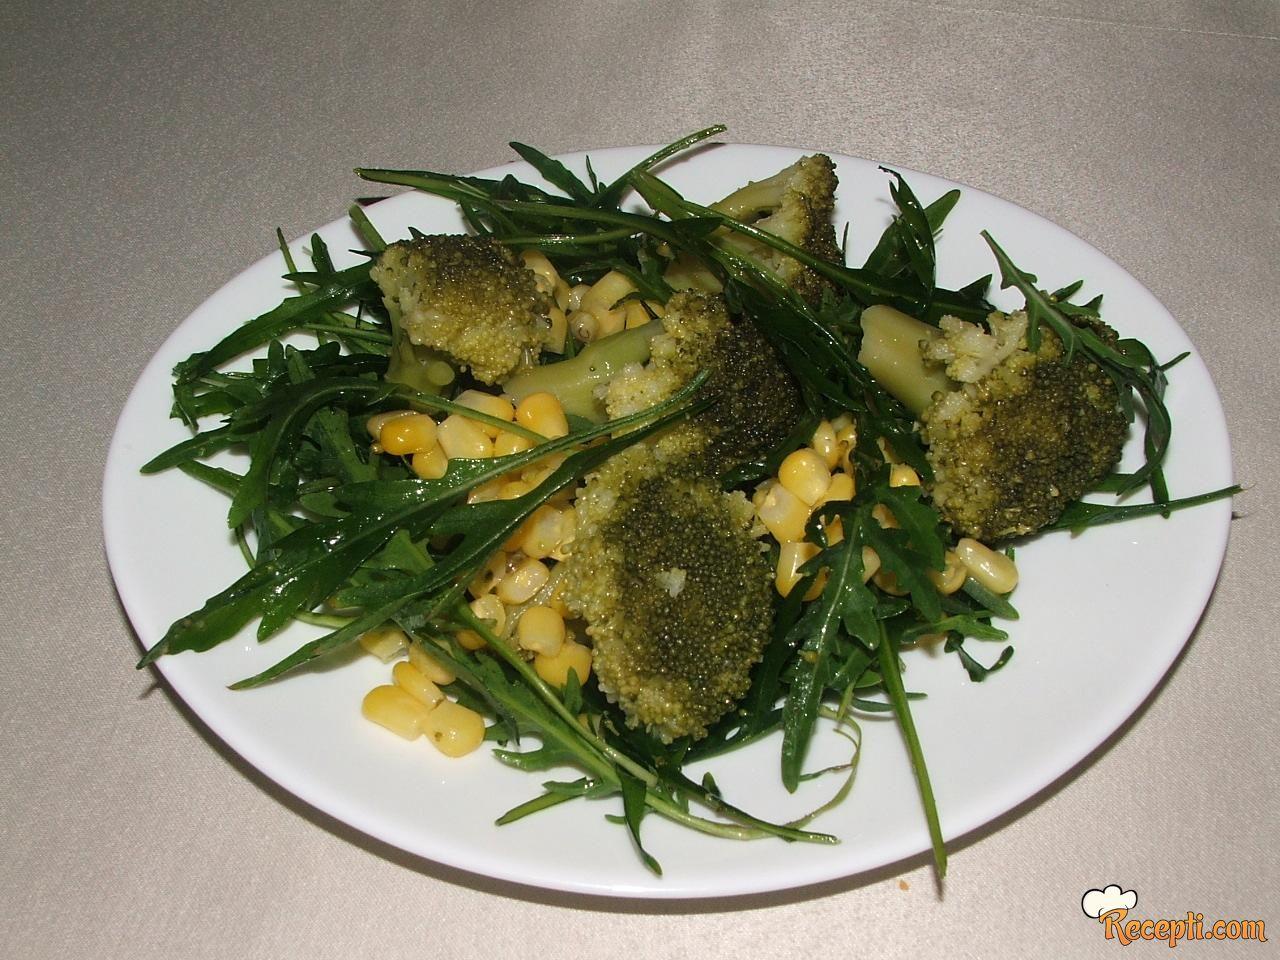 Brza salata